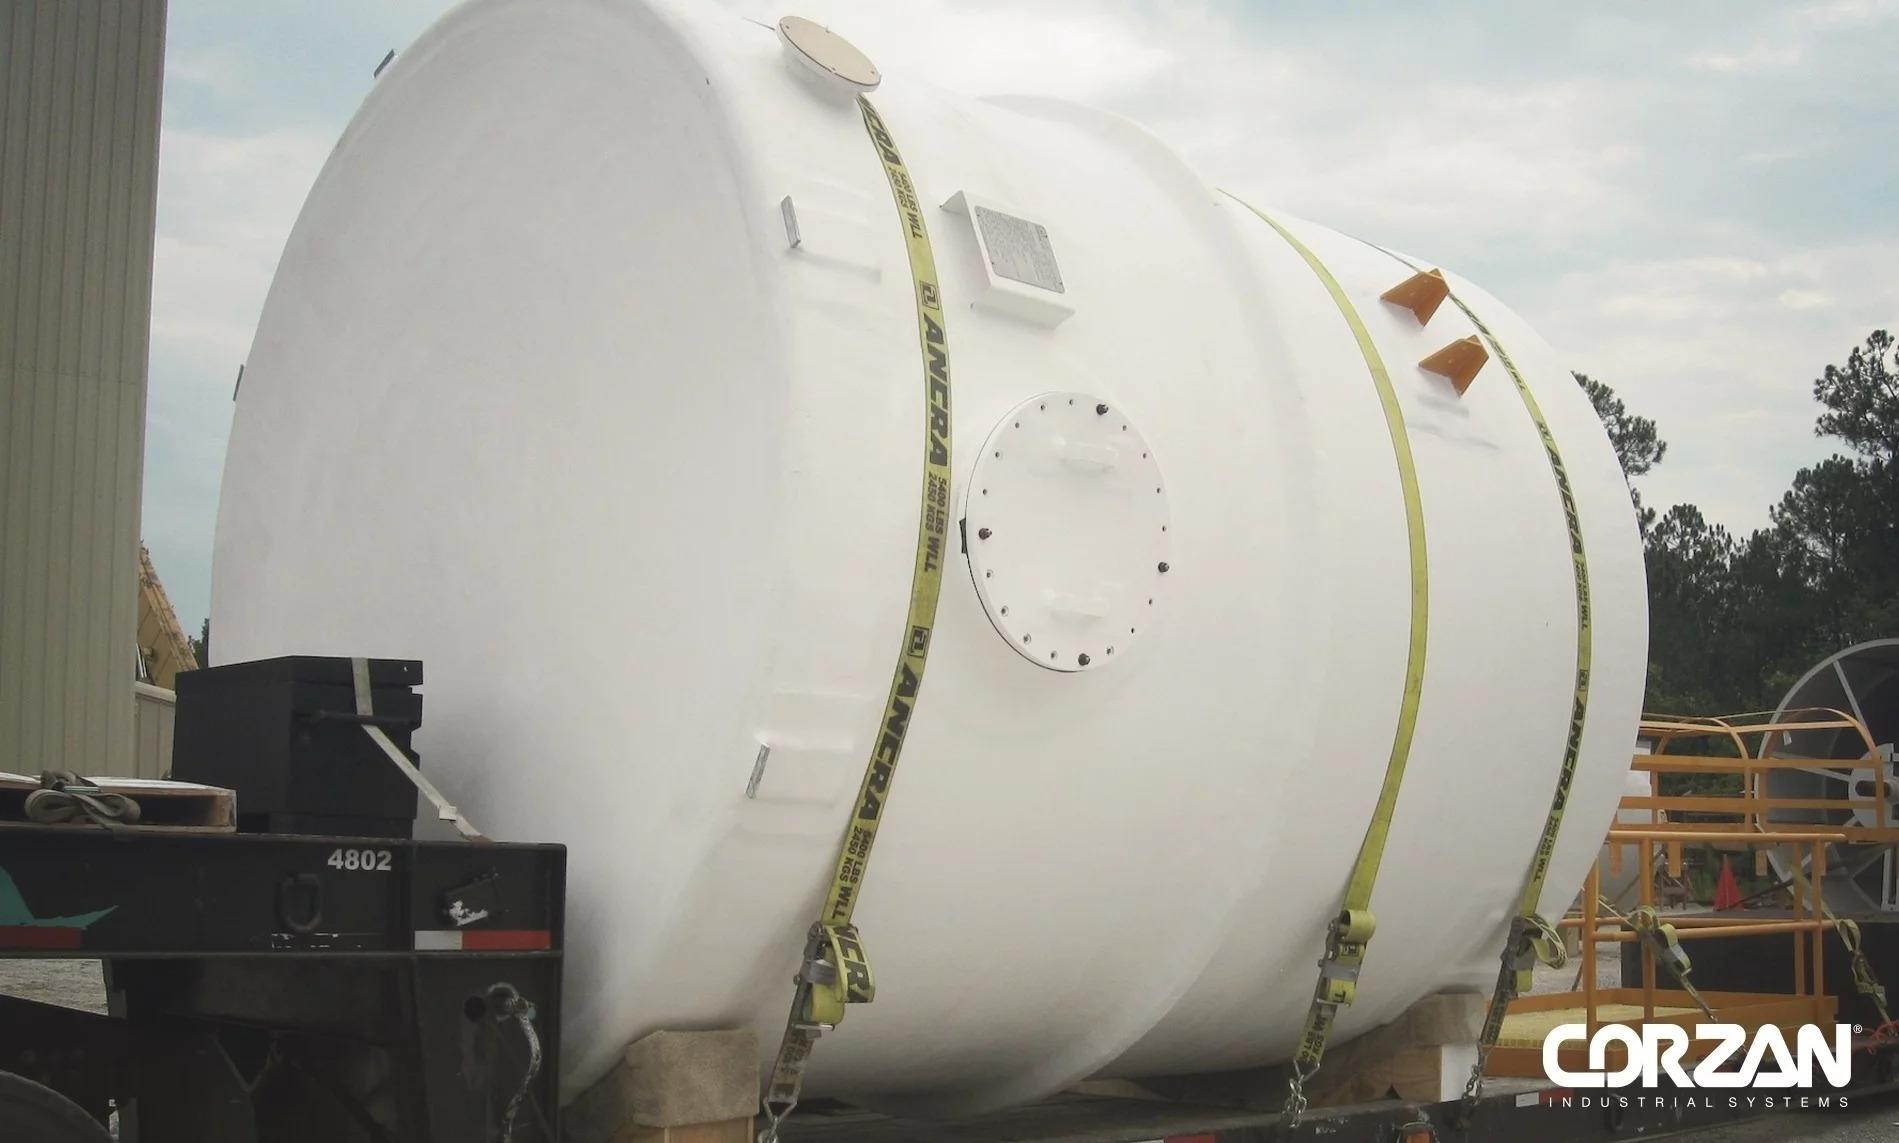 B&D-IPEX-Corzan-CPVC-dual-laminate-tank-642884-edited